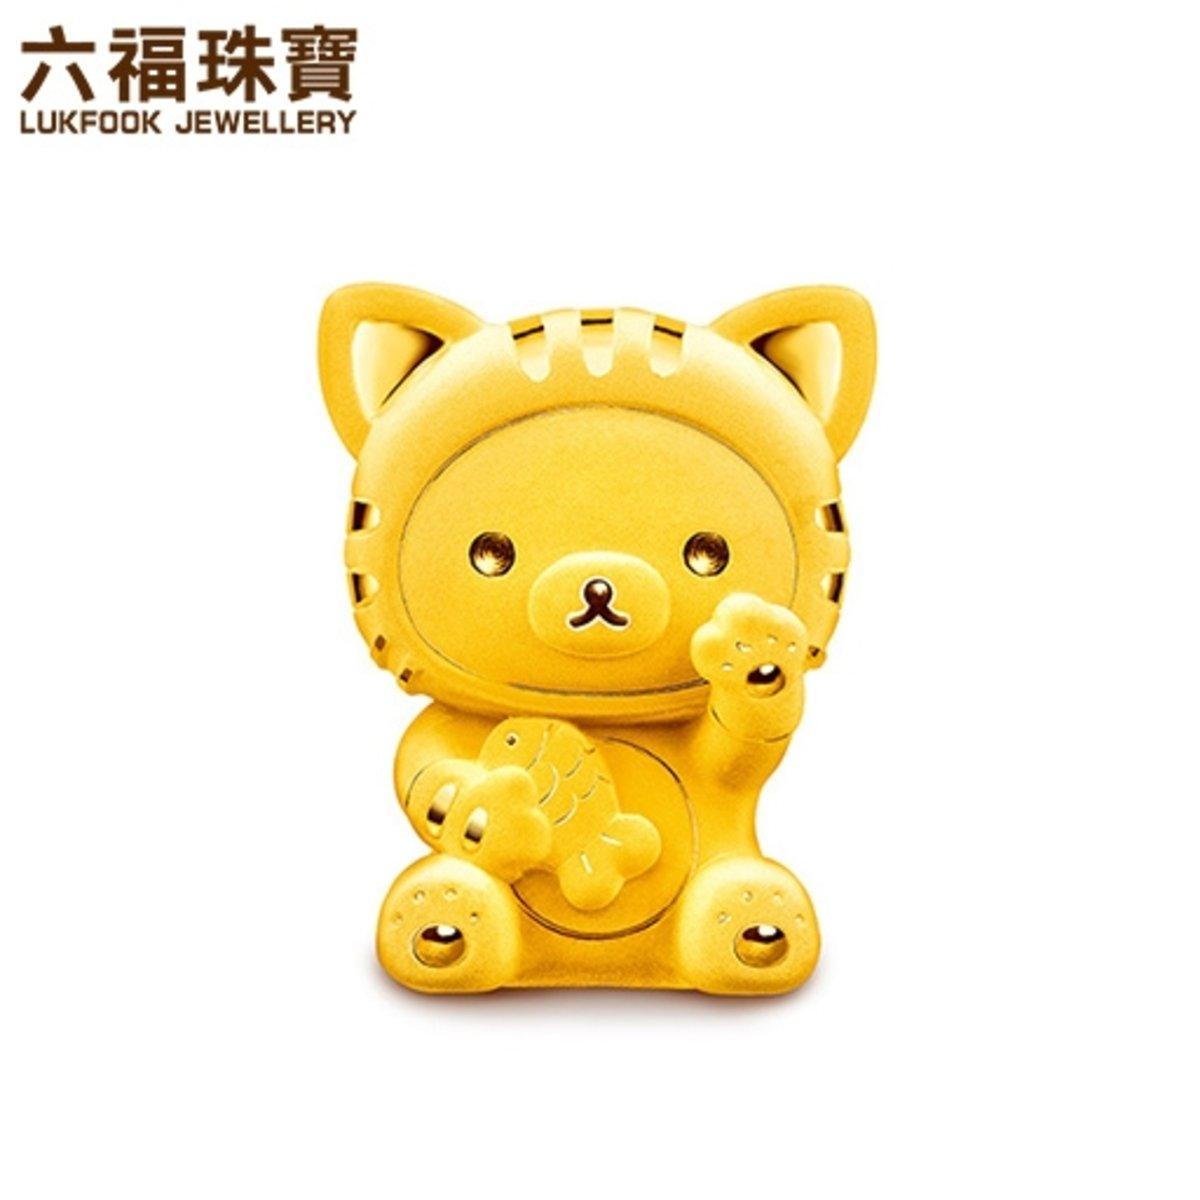 輕鬆小熊 女裝 招財造型黃金電鑄擺件